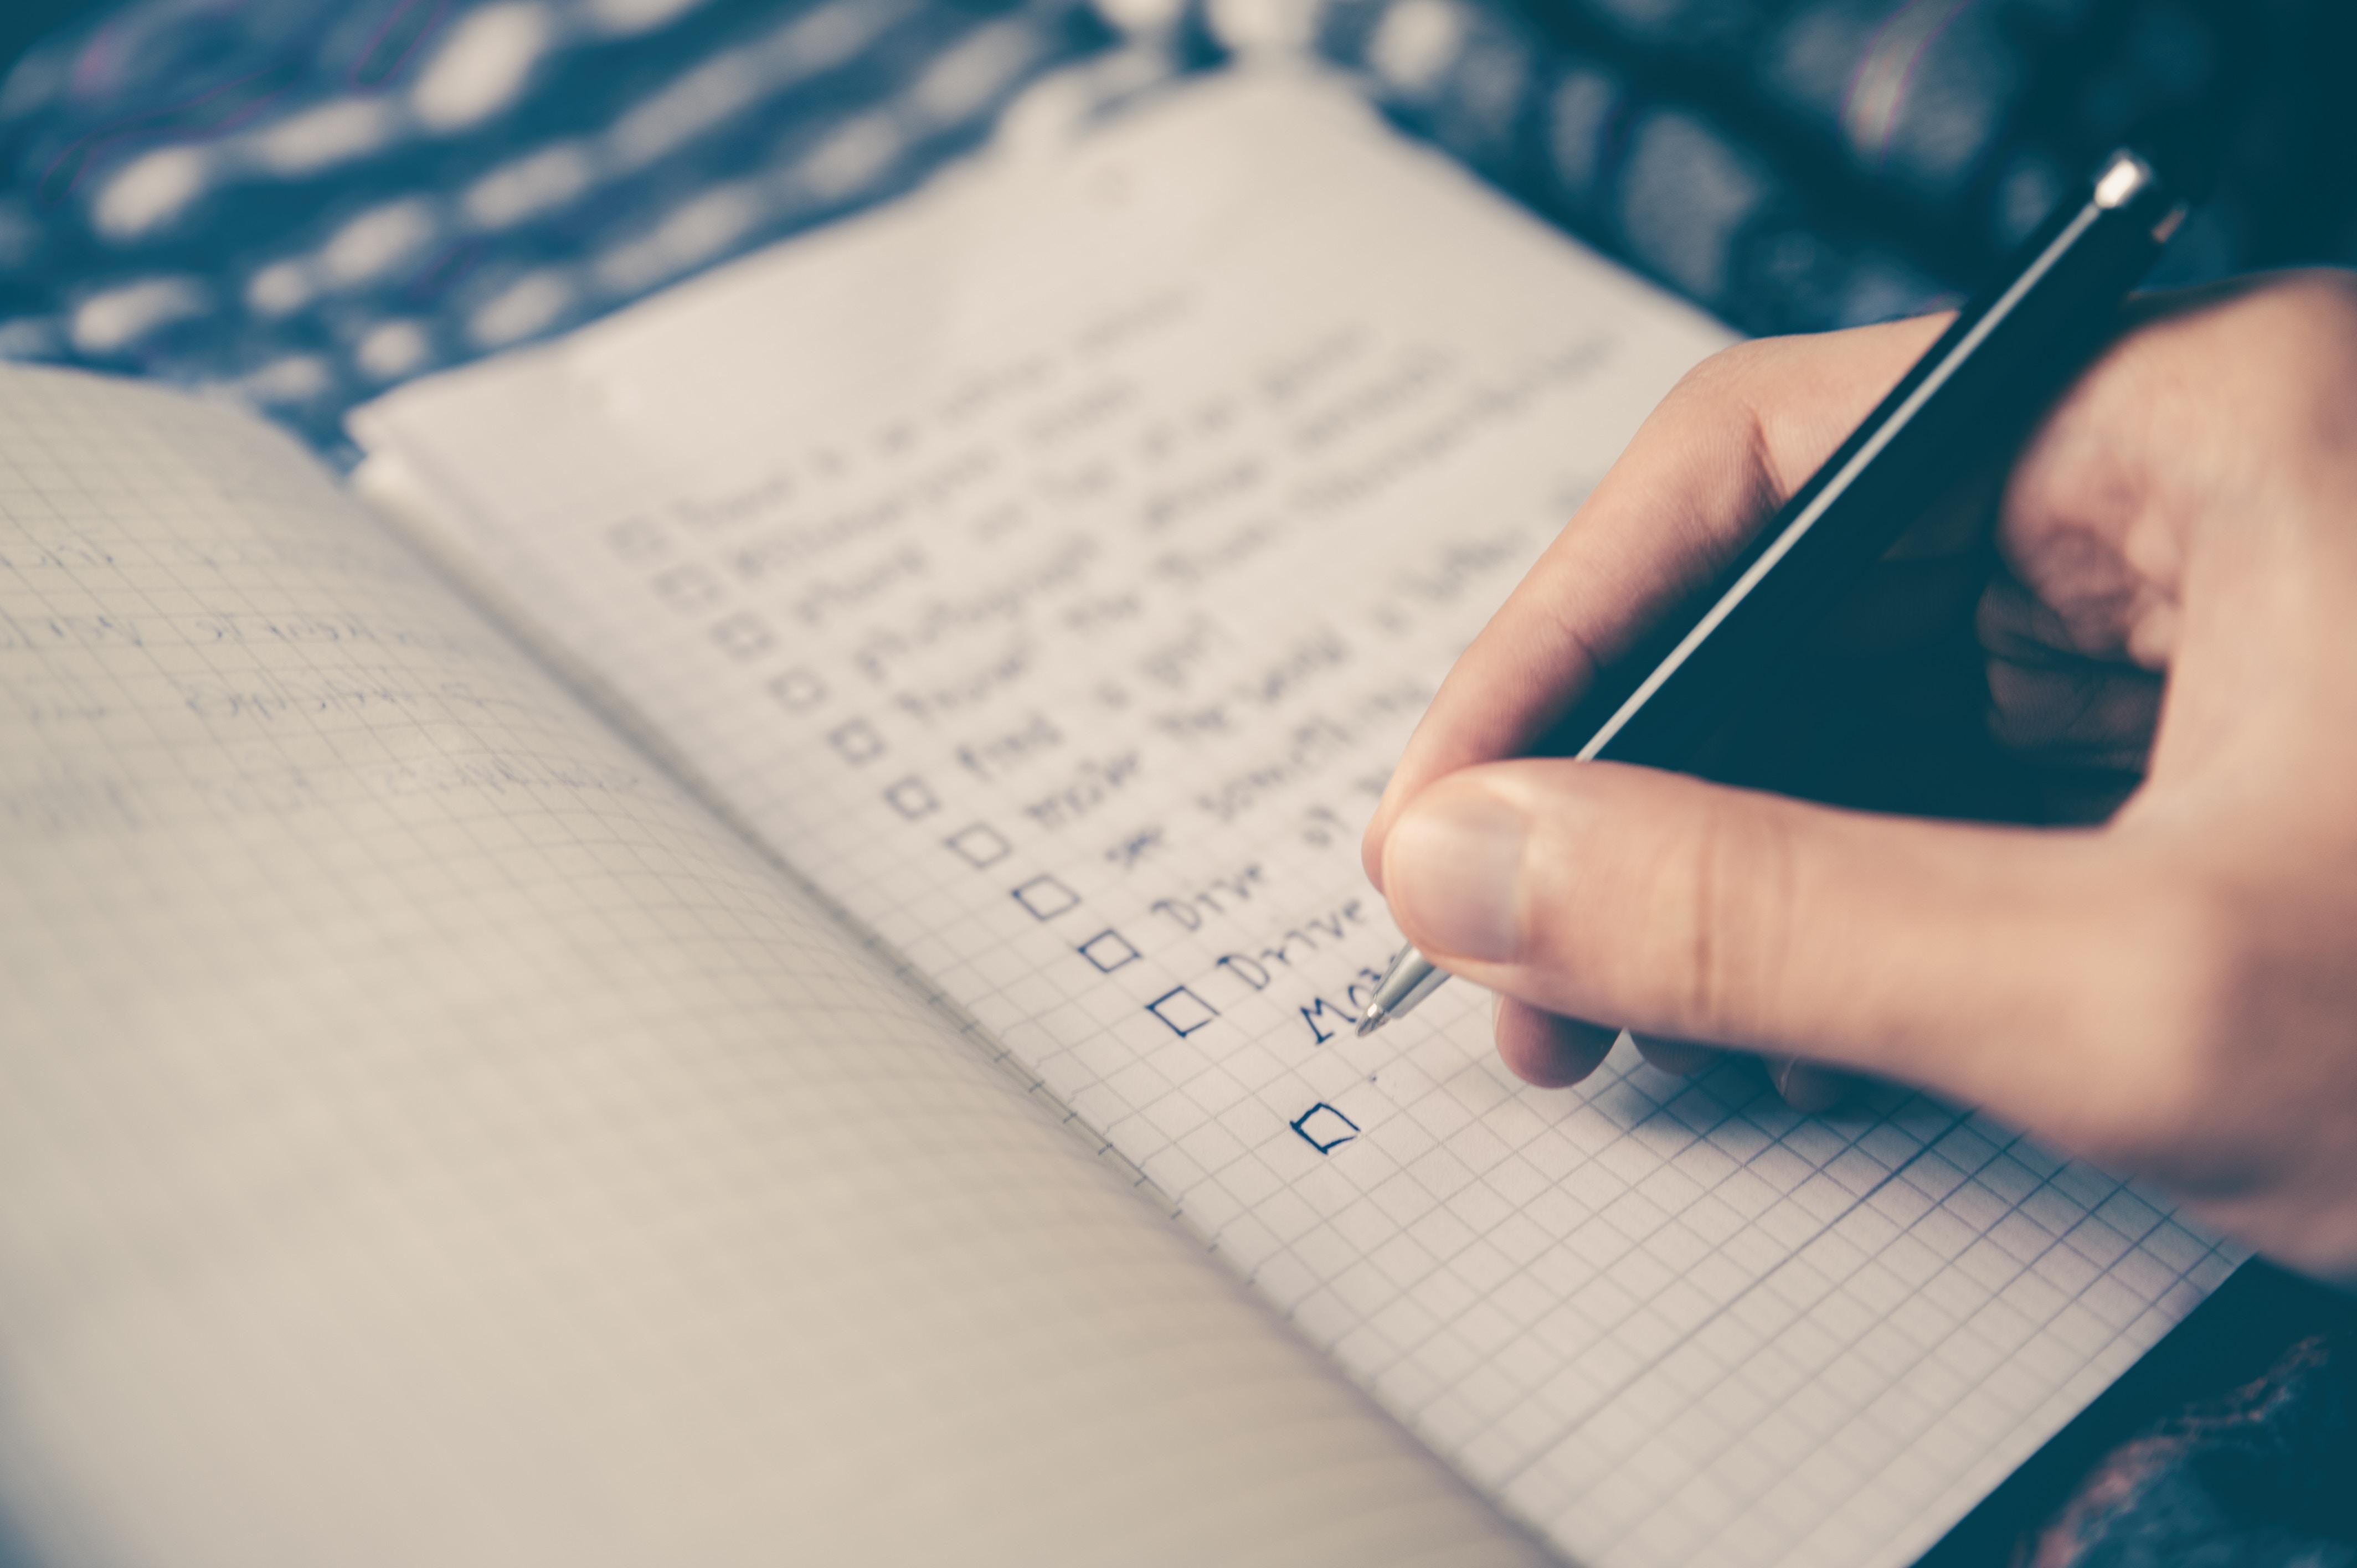 6 consigli pratici e veloci per ottimizzare i tuoi profili social